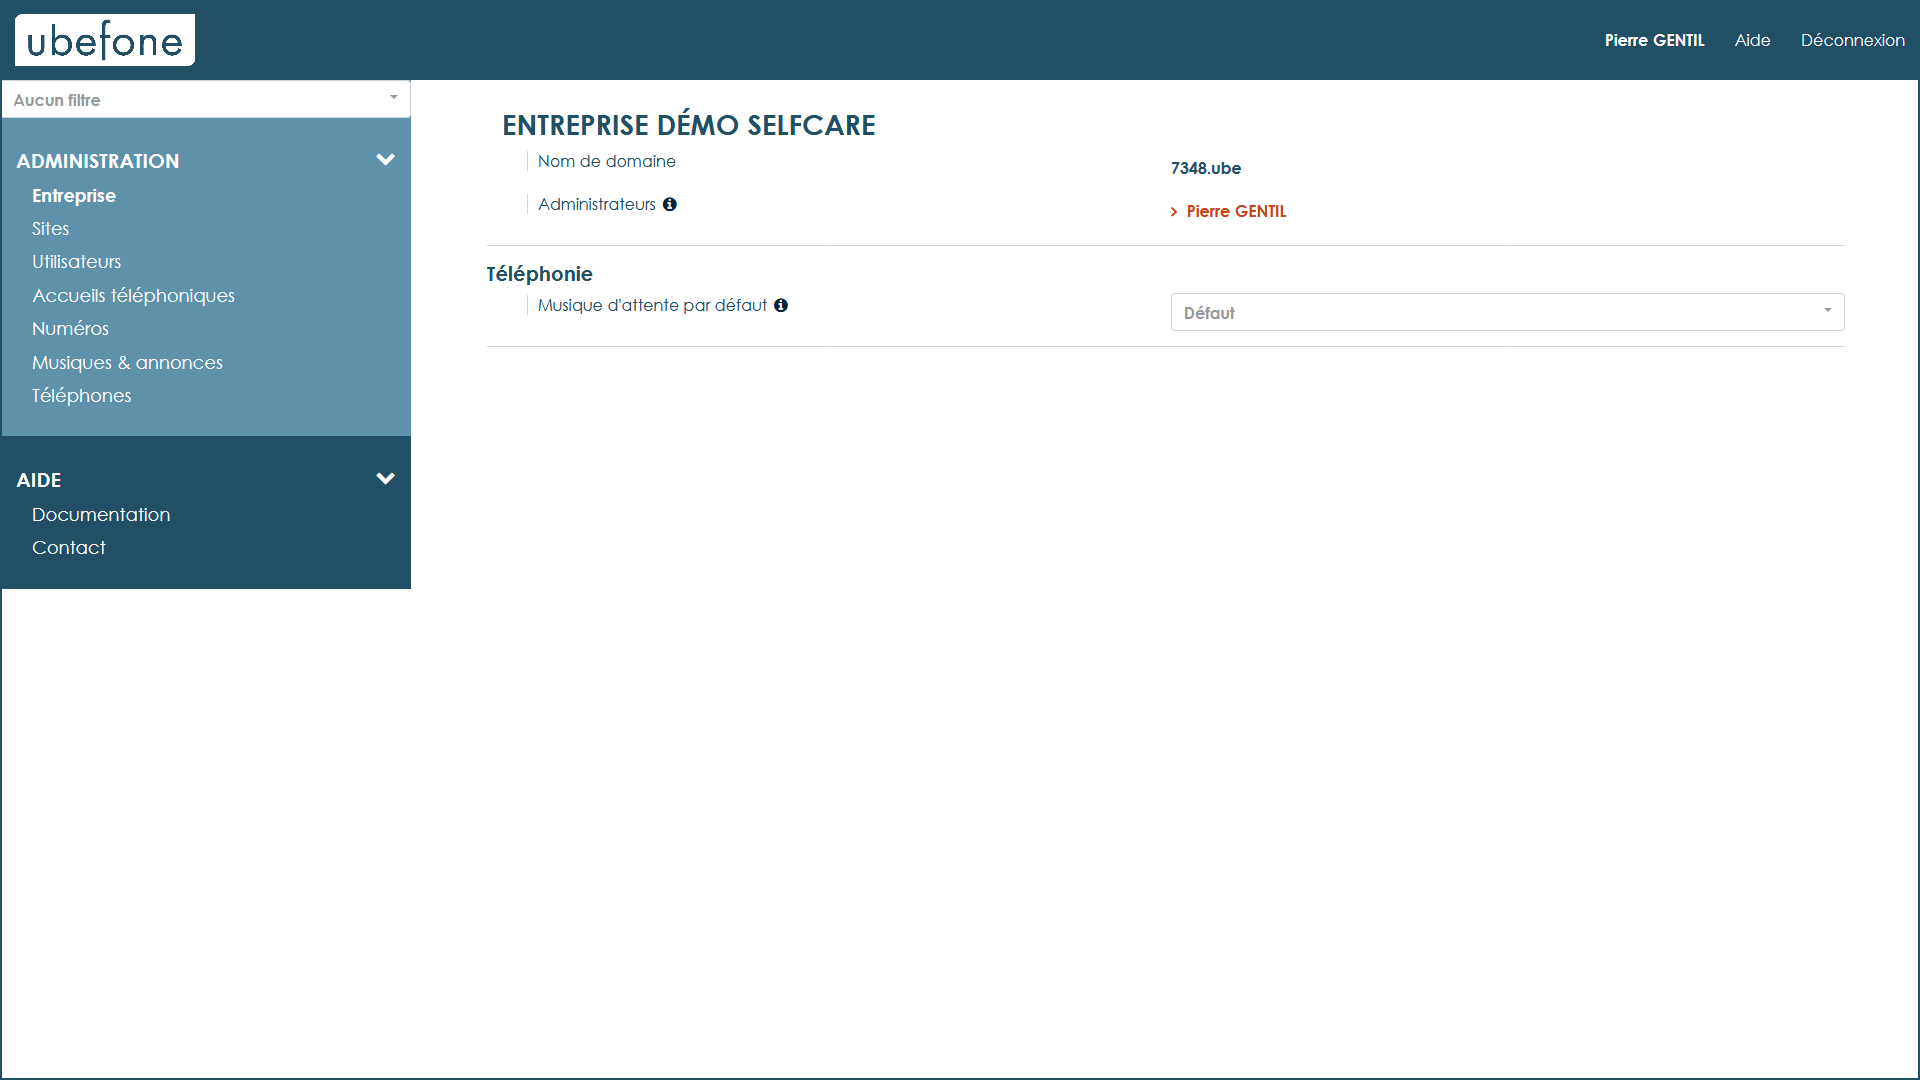 Interface d'administration de la téléphonie d'entreprise